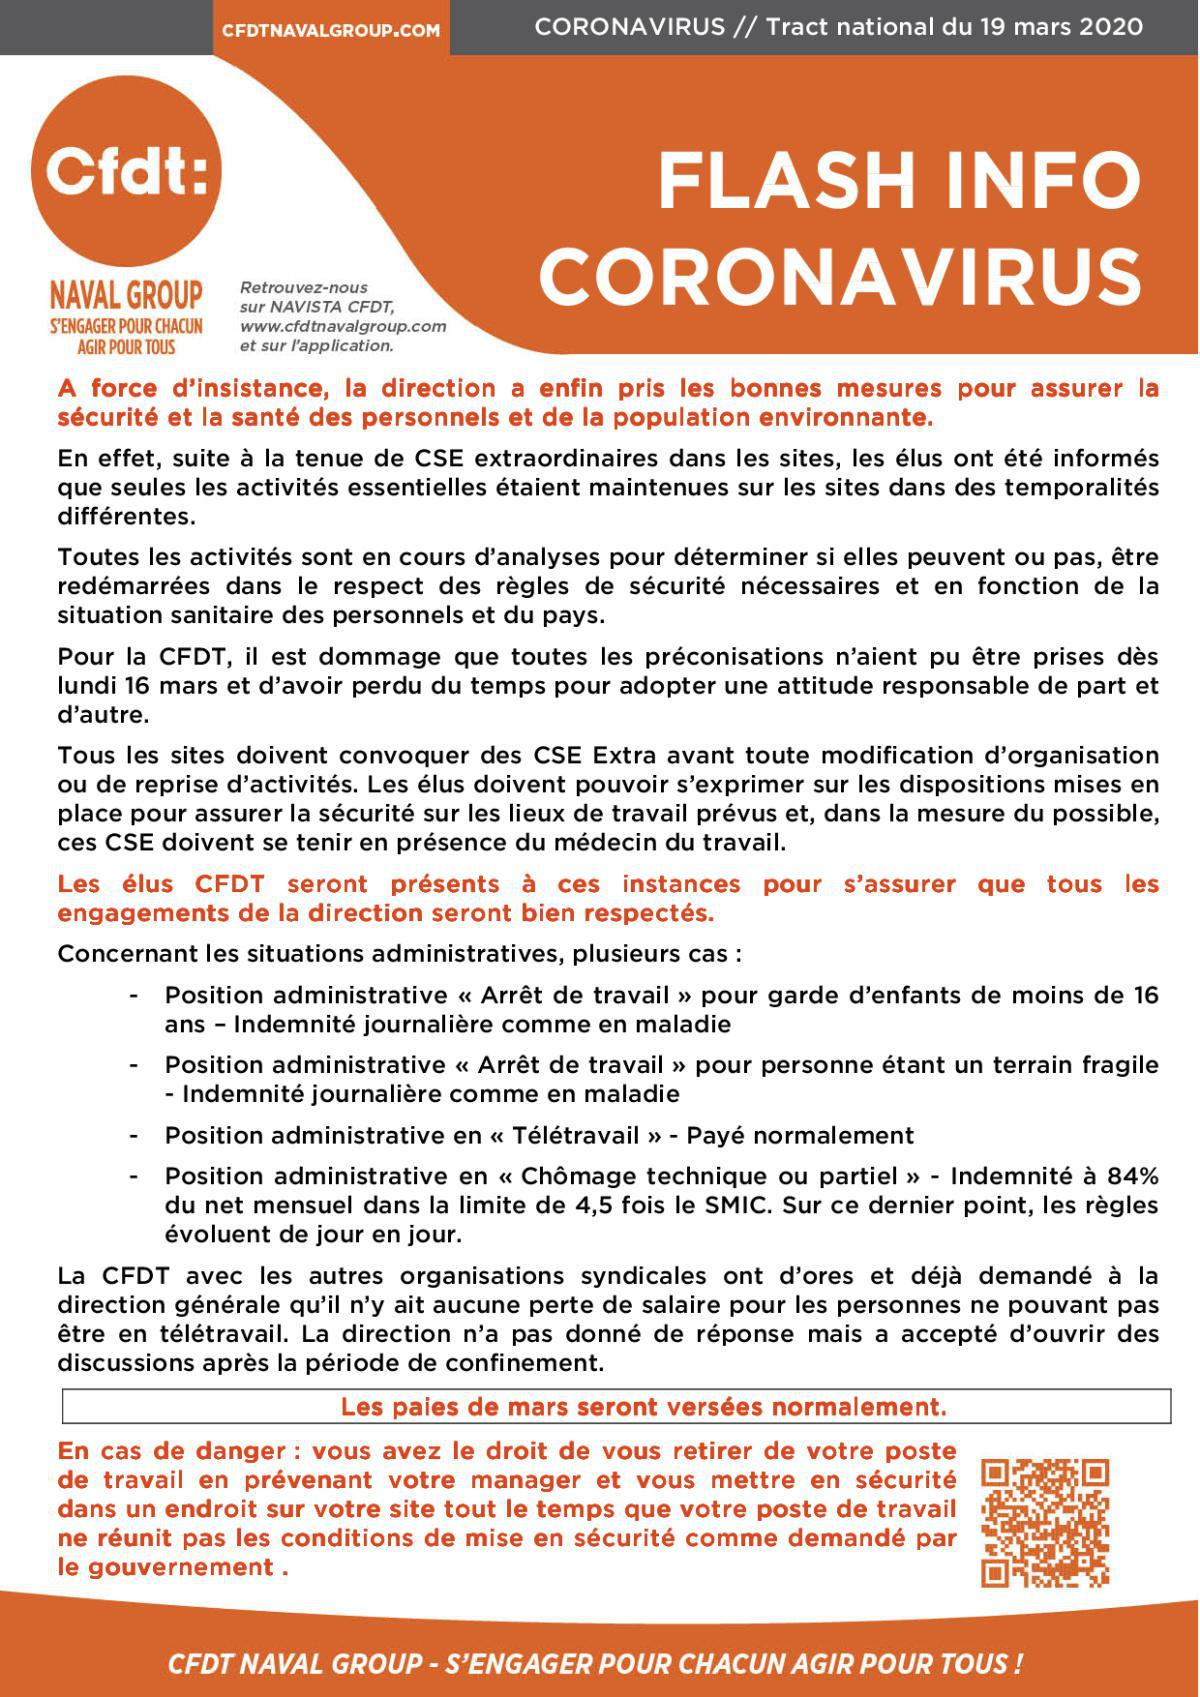 FLASH INFO CORONAVIRUS